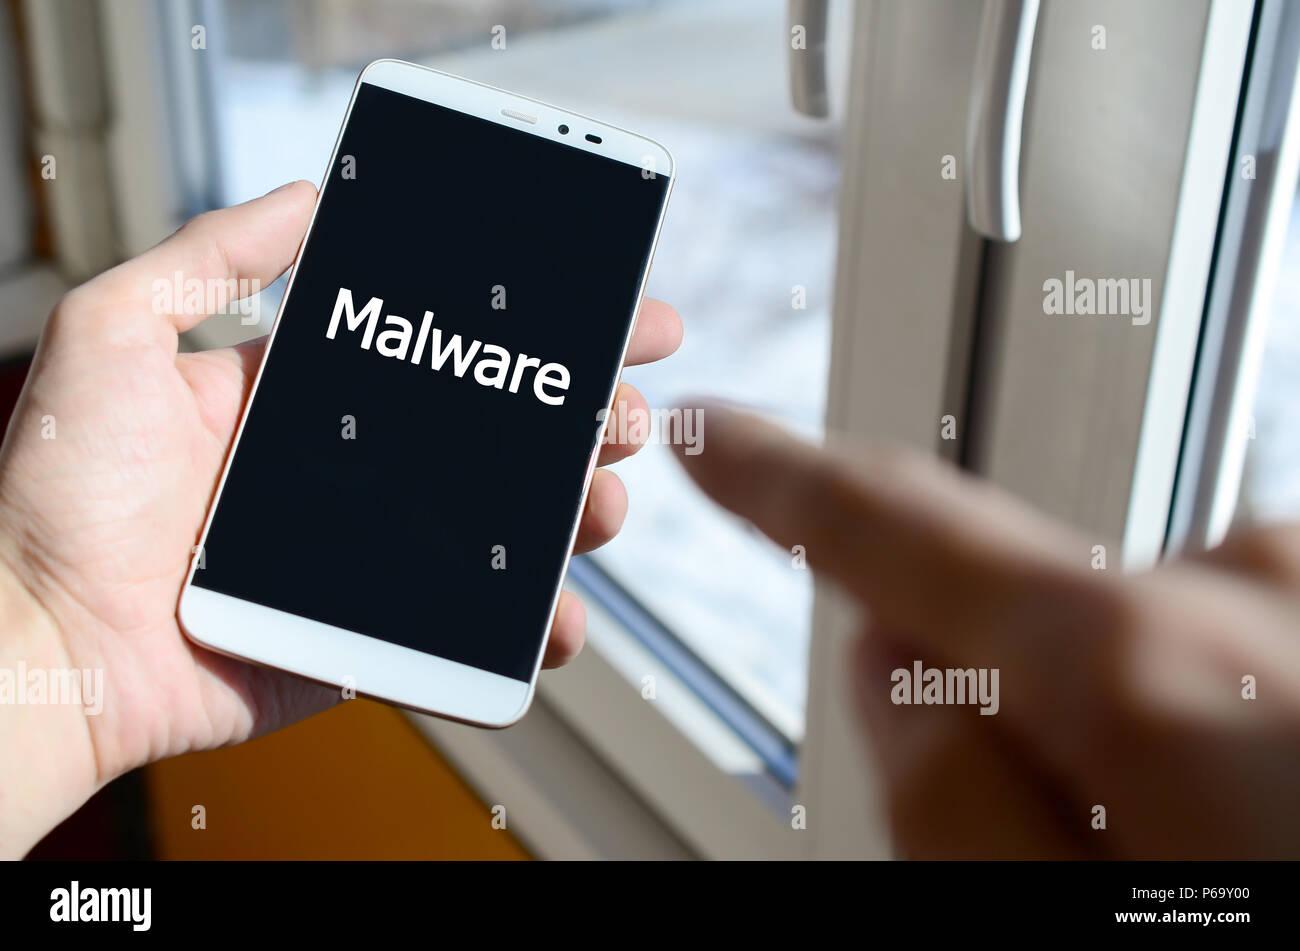 Ein Mensch sieht, ein weißer Aufschrift auf einem BlackBerry-Smartphone angezeigt werden, den er in seiner Hand hält. Malware. Stockbild